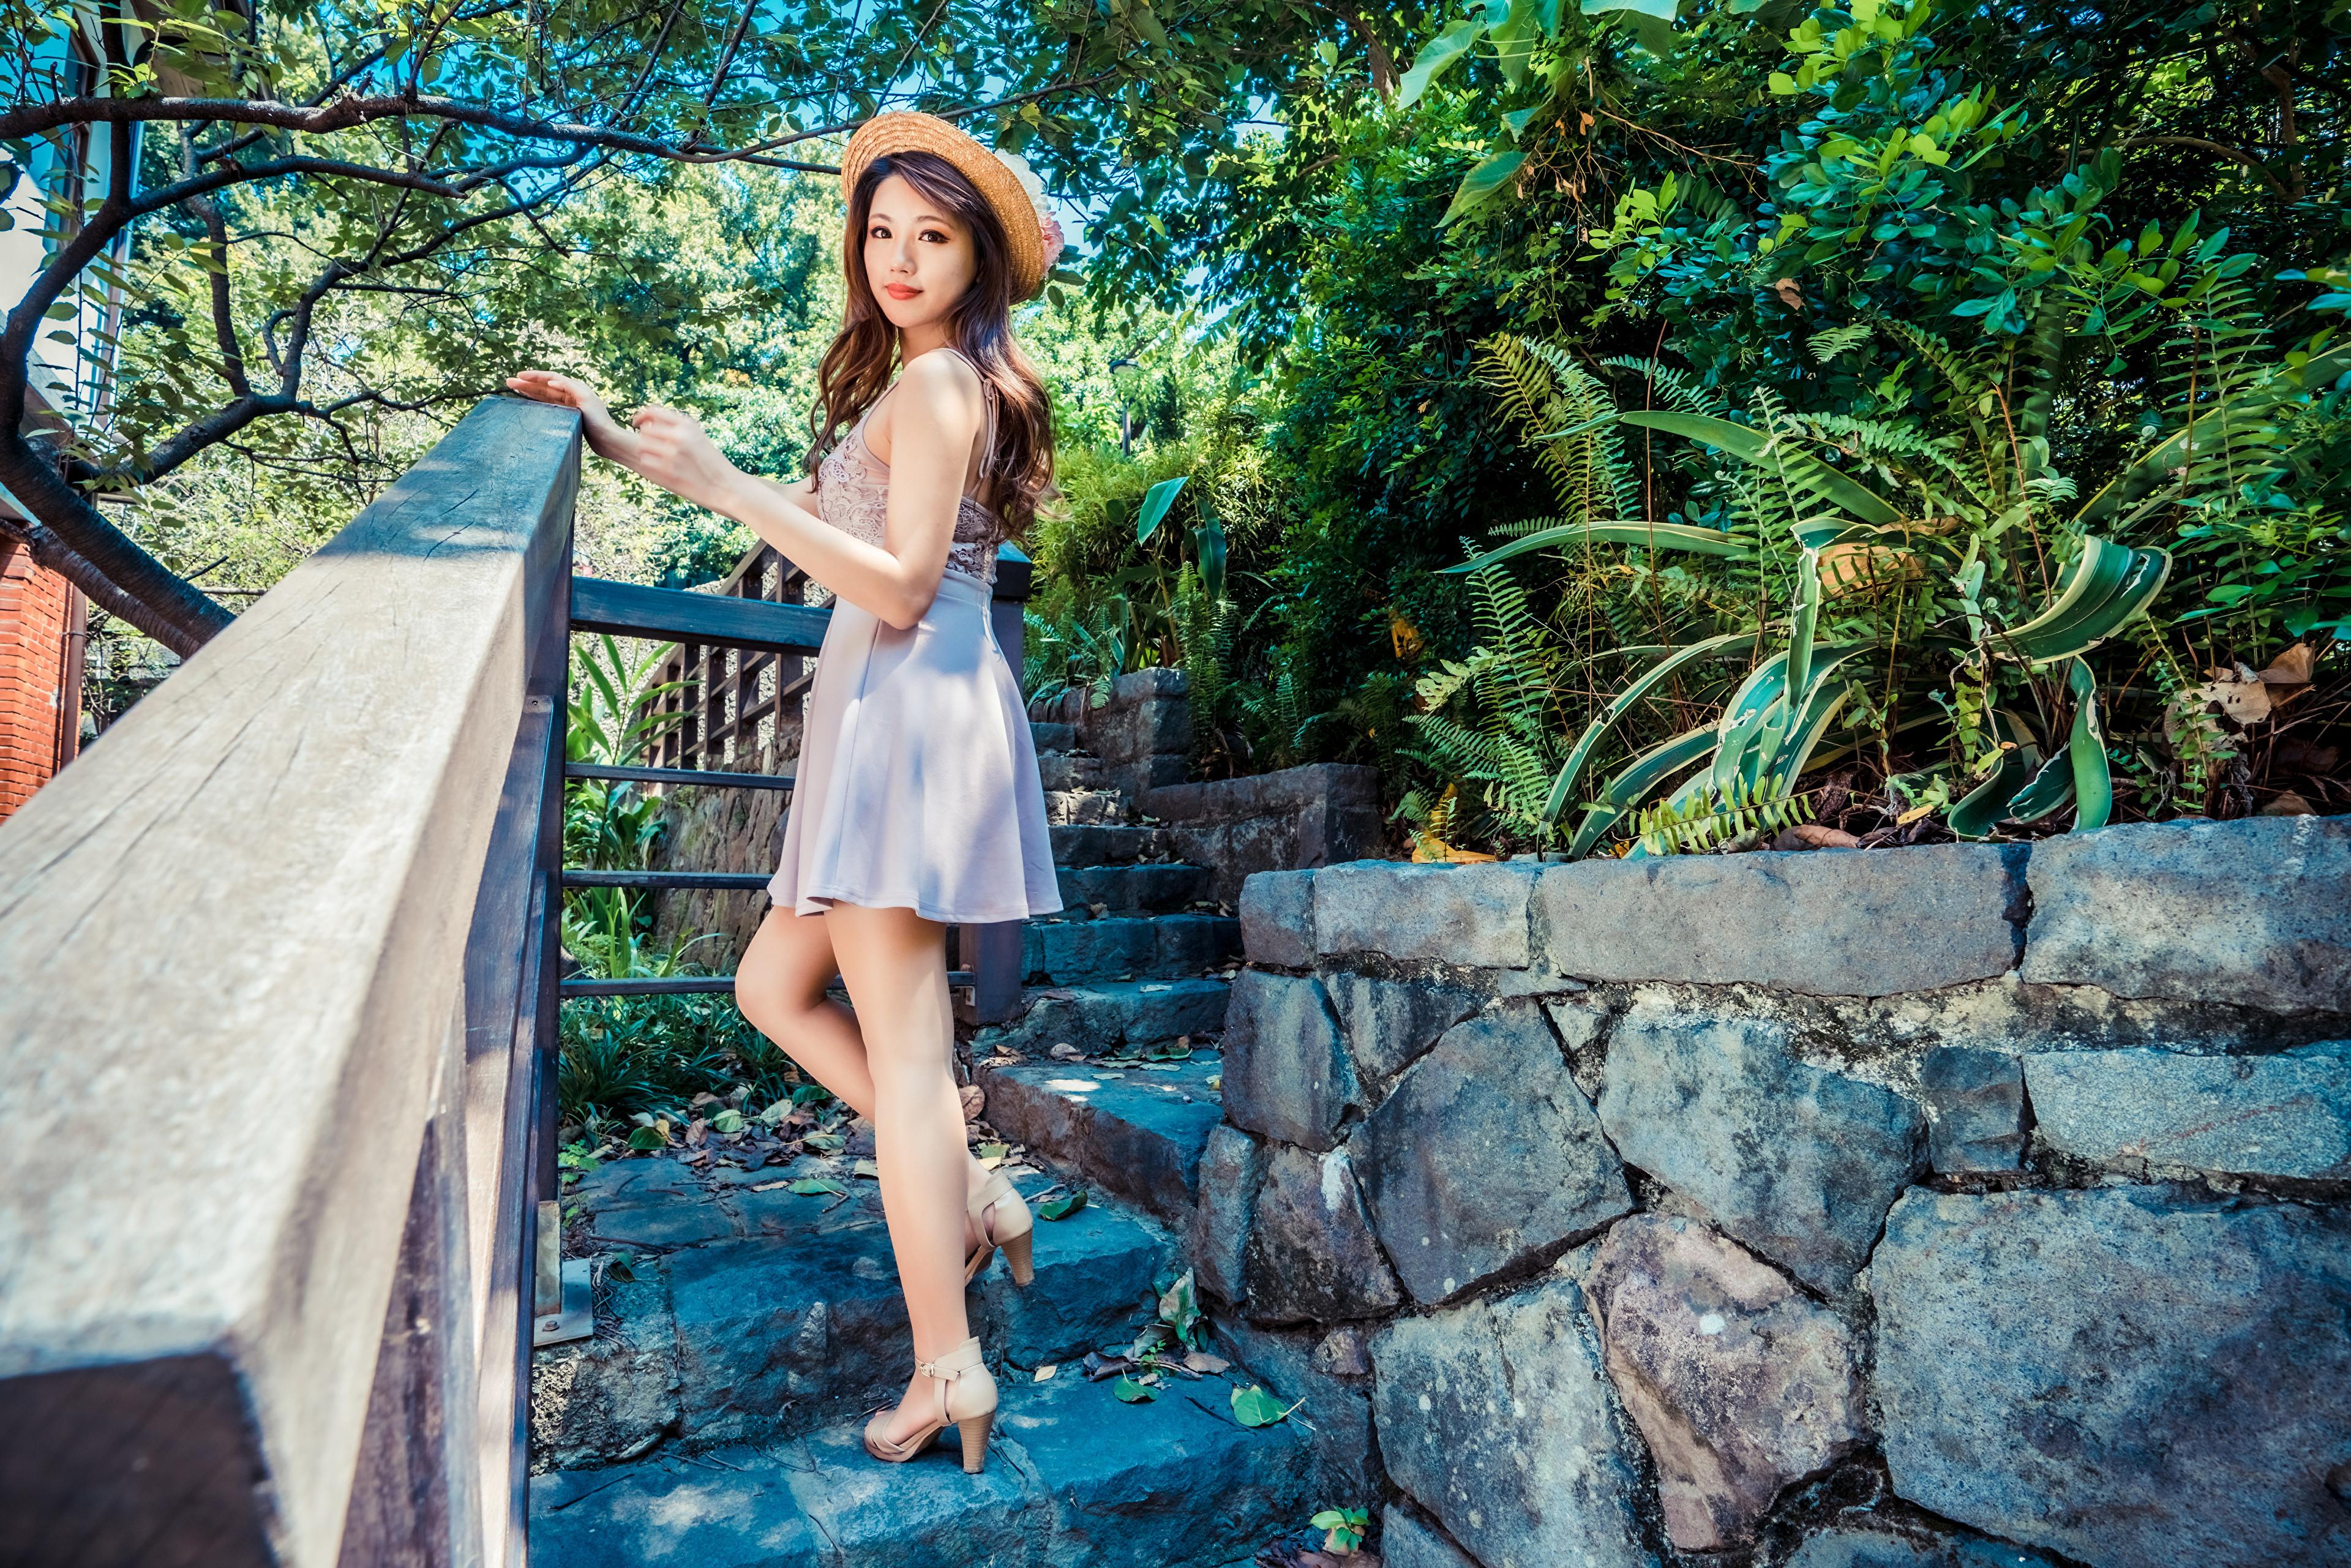 Картинки шляпы девушка Азиаты Взгляд Платье 3840x2561 Шляпа шляпе Девушки молодая женщина молодые женщины азиатки азиатка смотрит смотрят платья